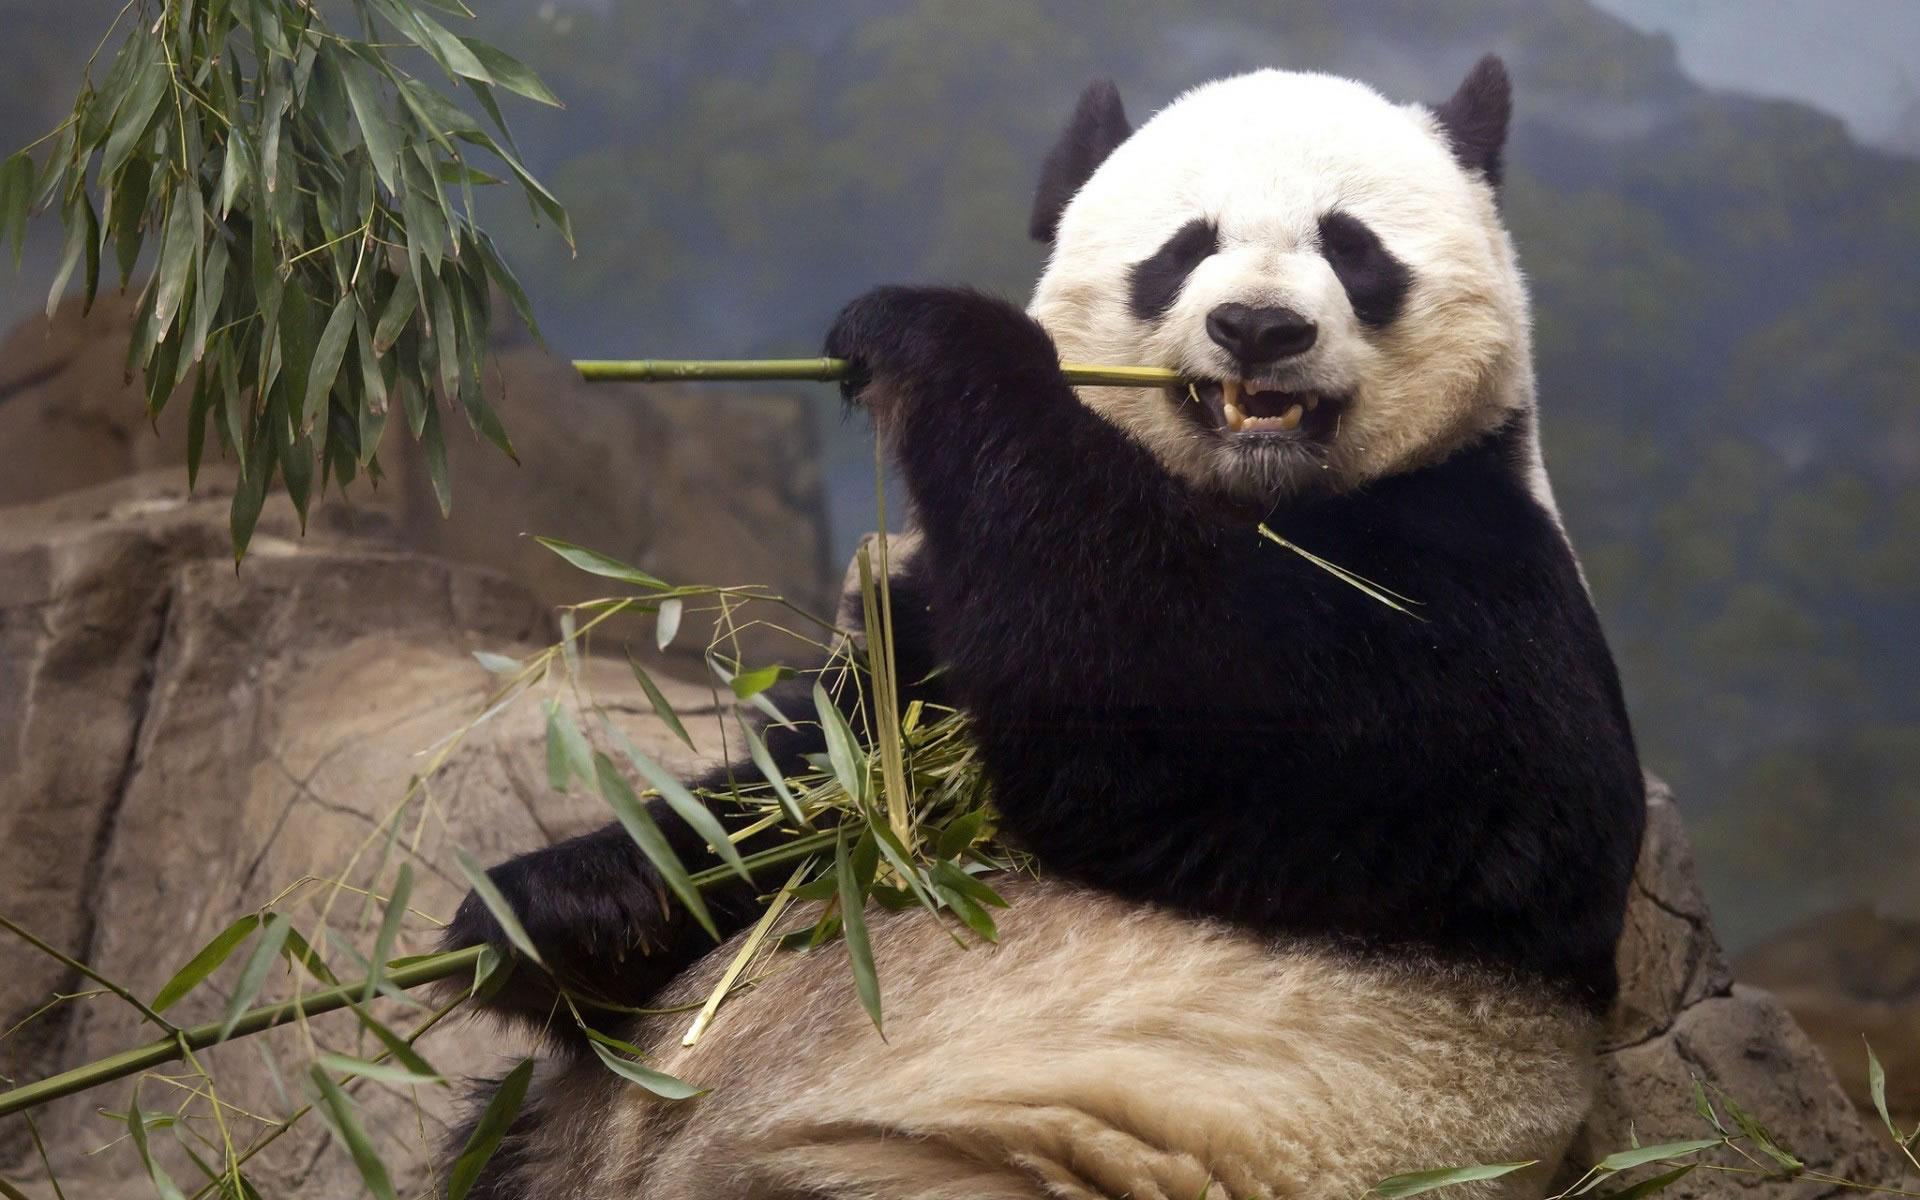 Oso Panda Wallpaper.